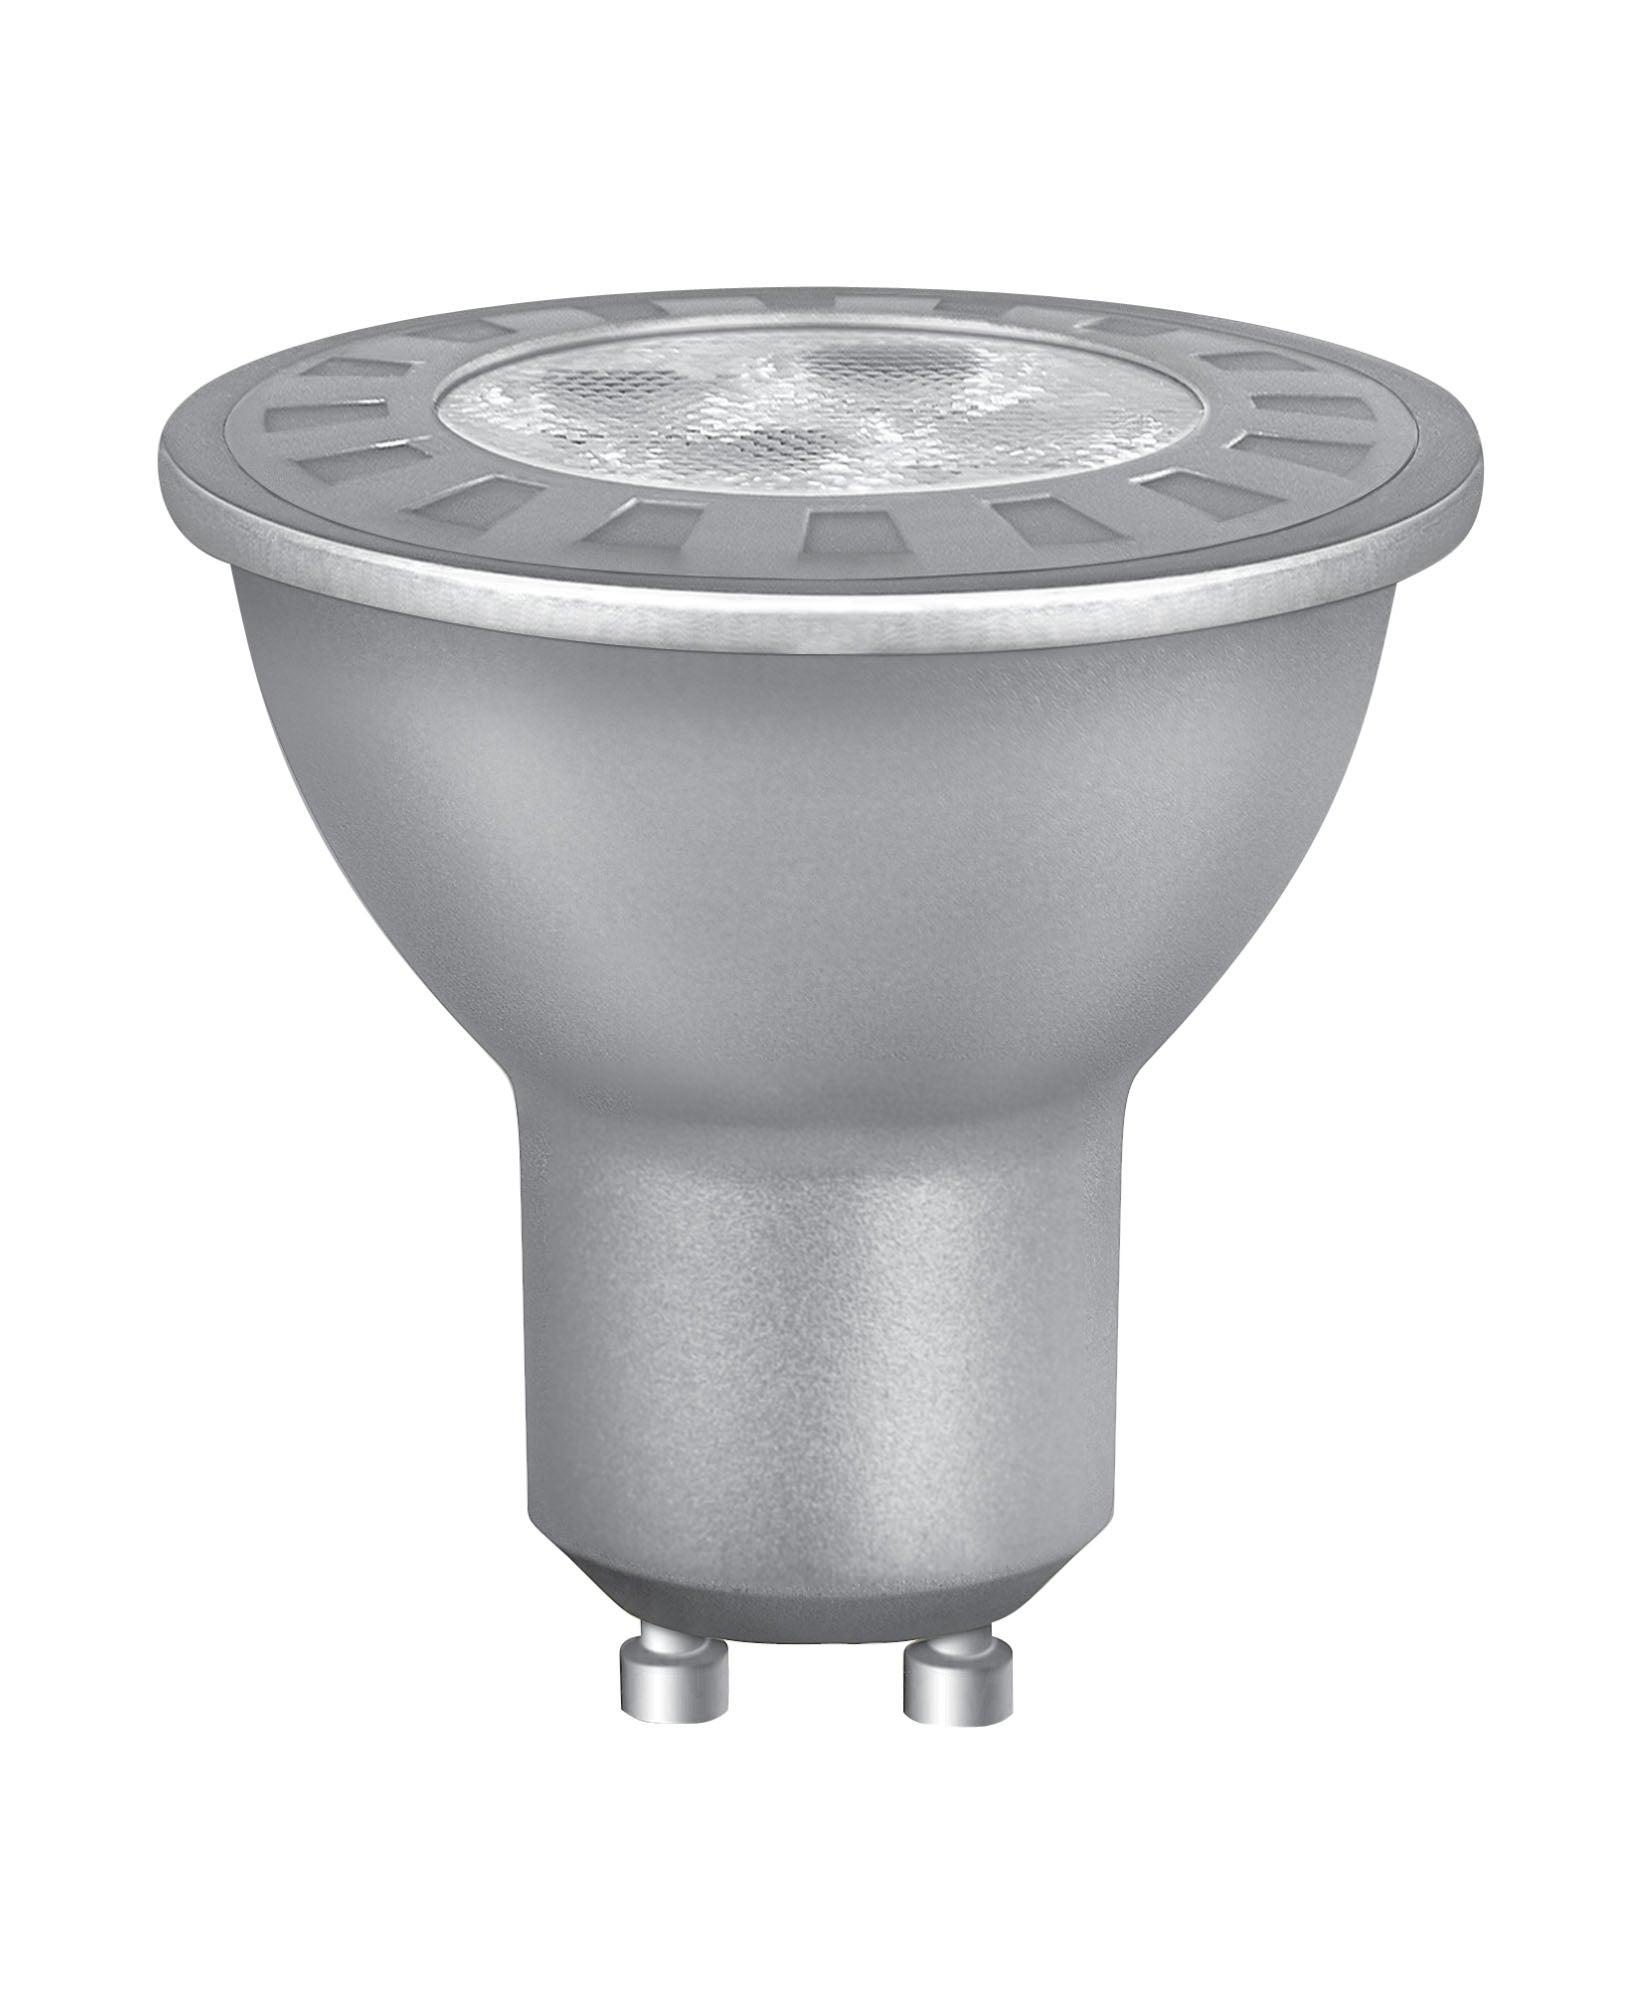 Osram 2 Watt LED Bulb